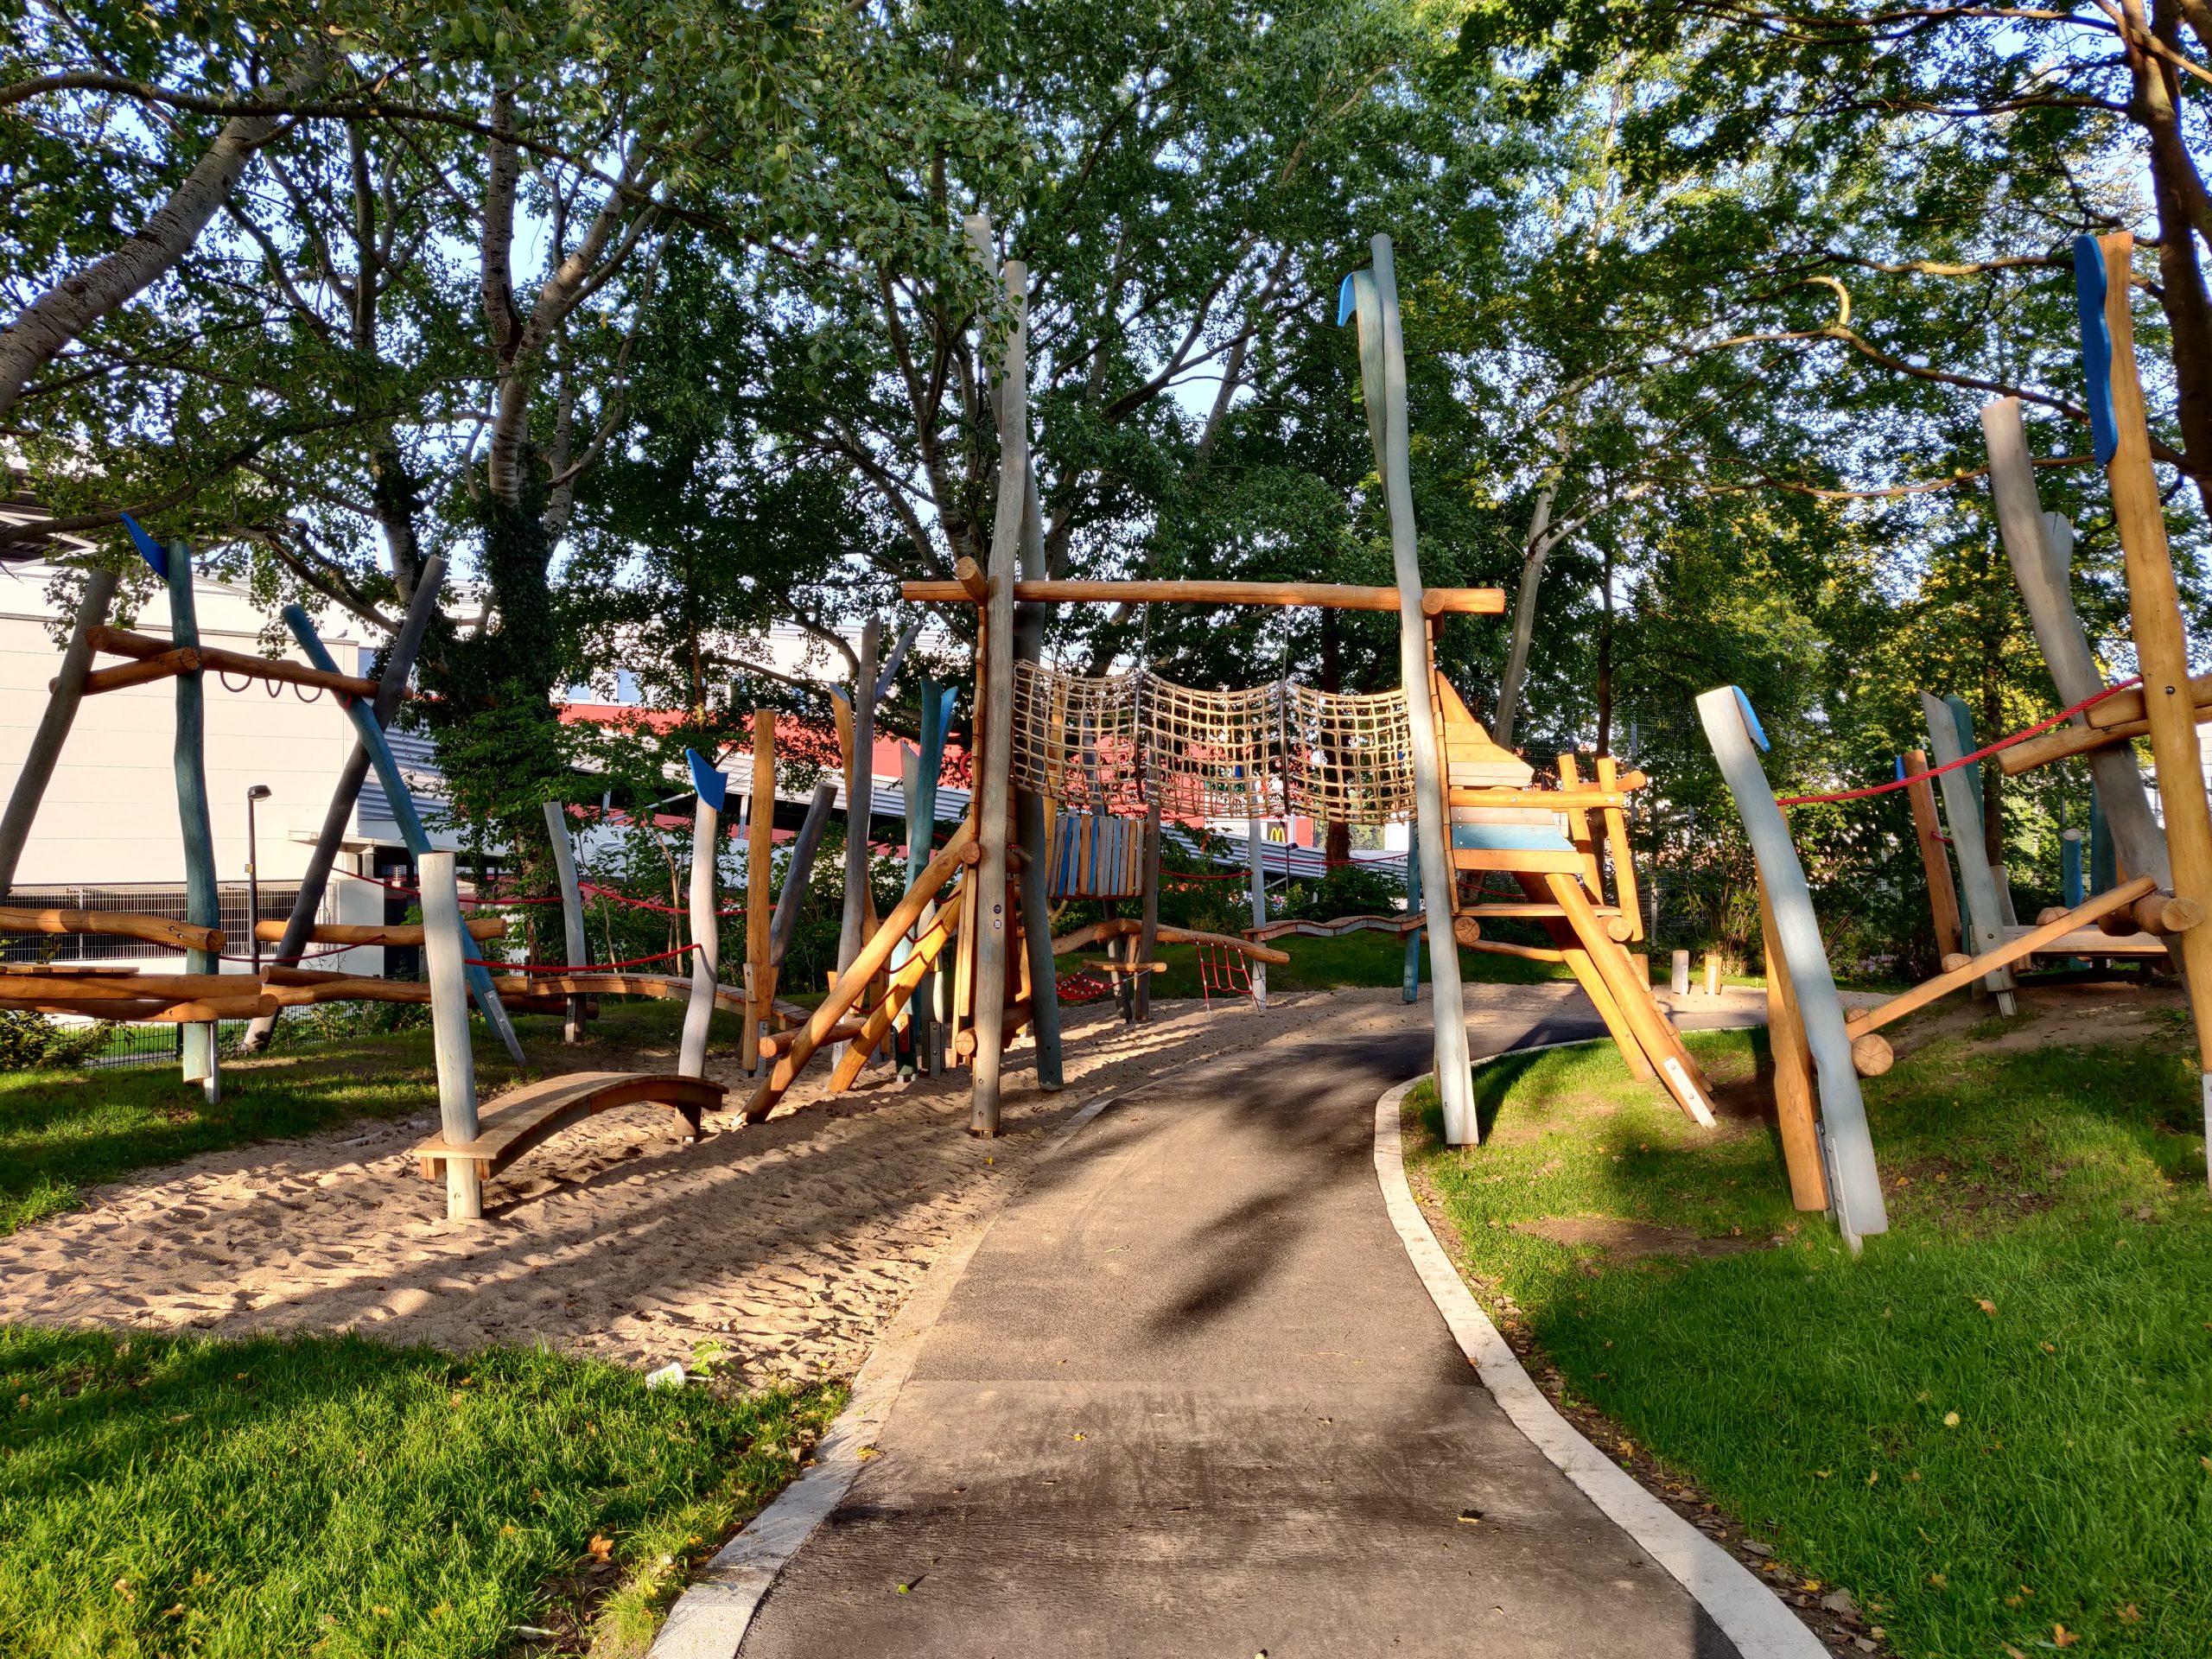 Ein moderner Spielplatz mit Holzgeräten